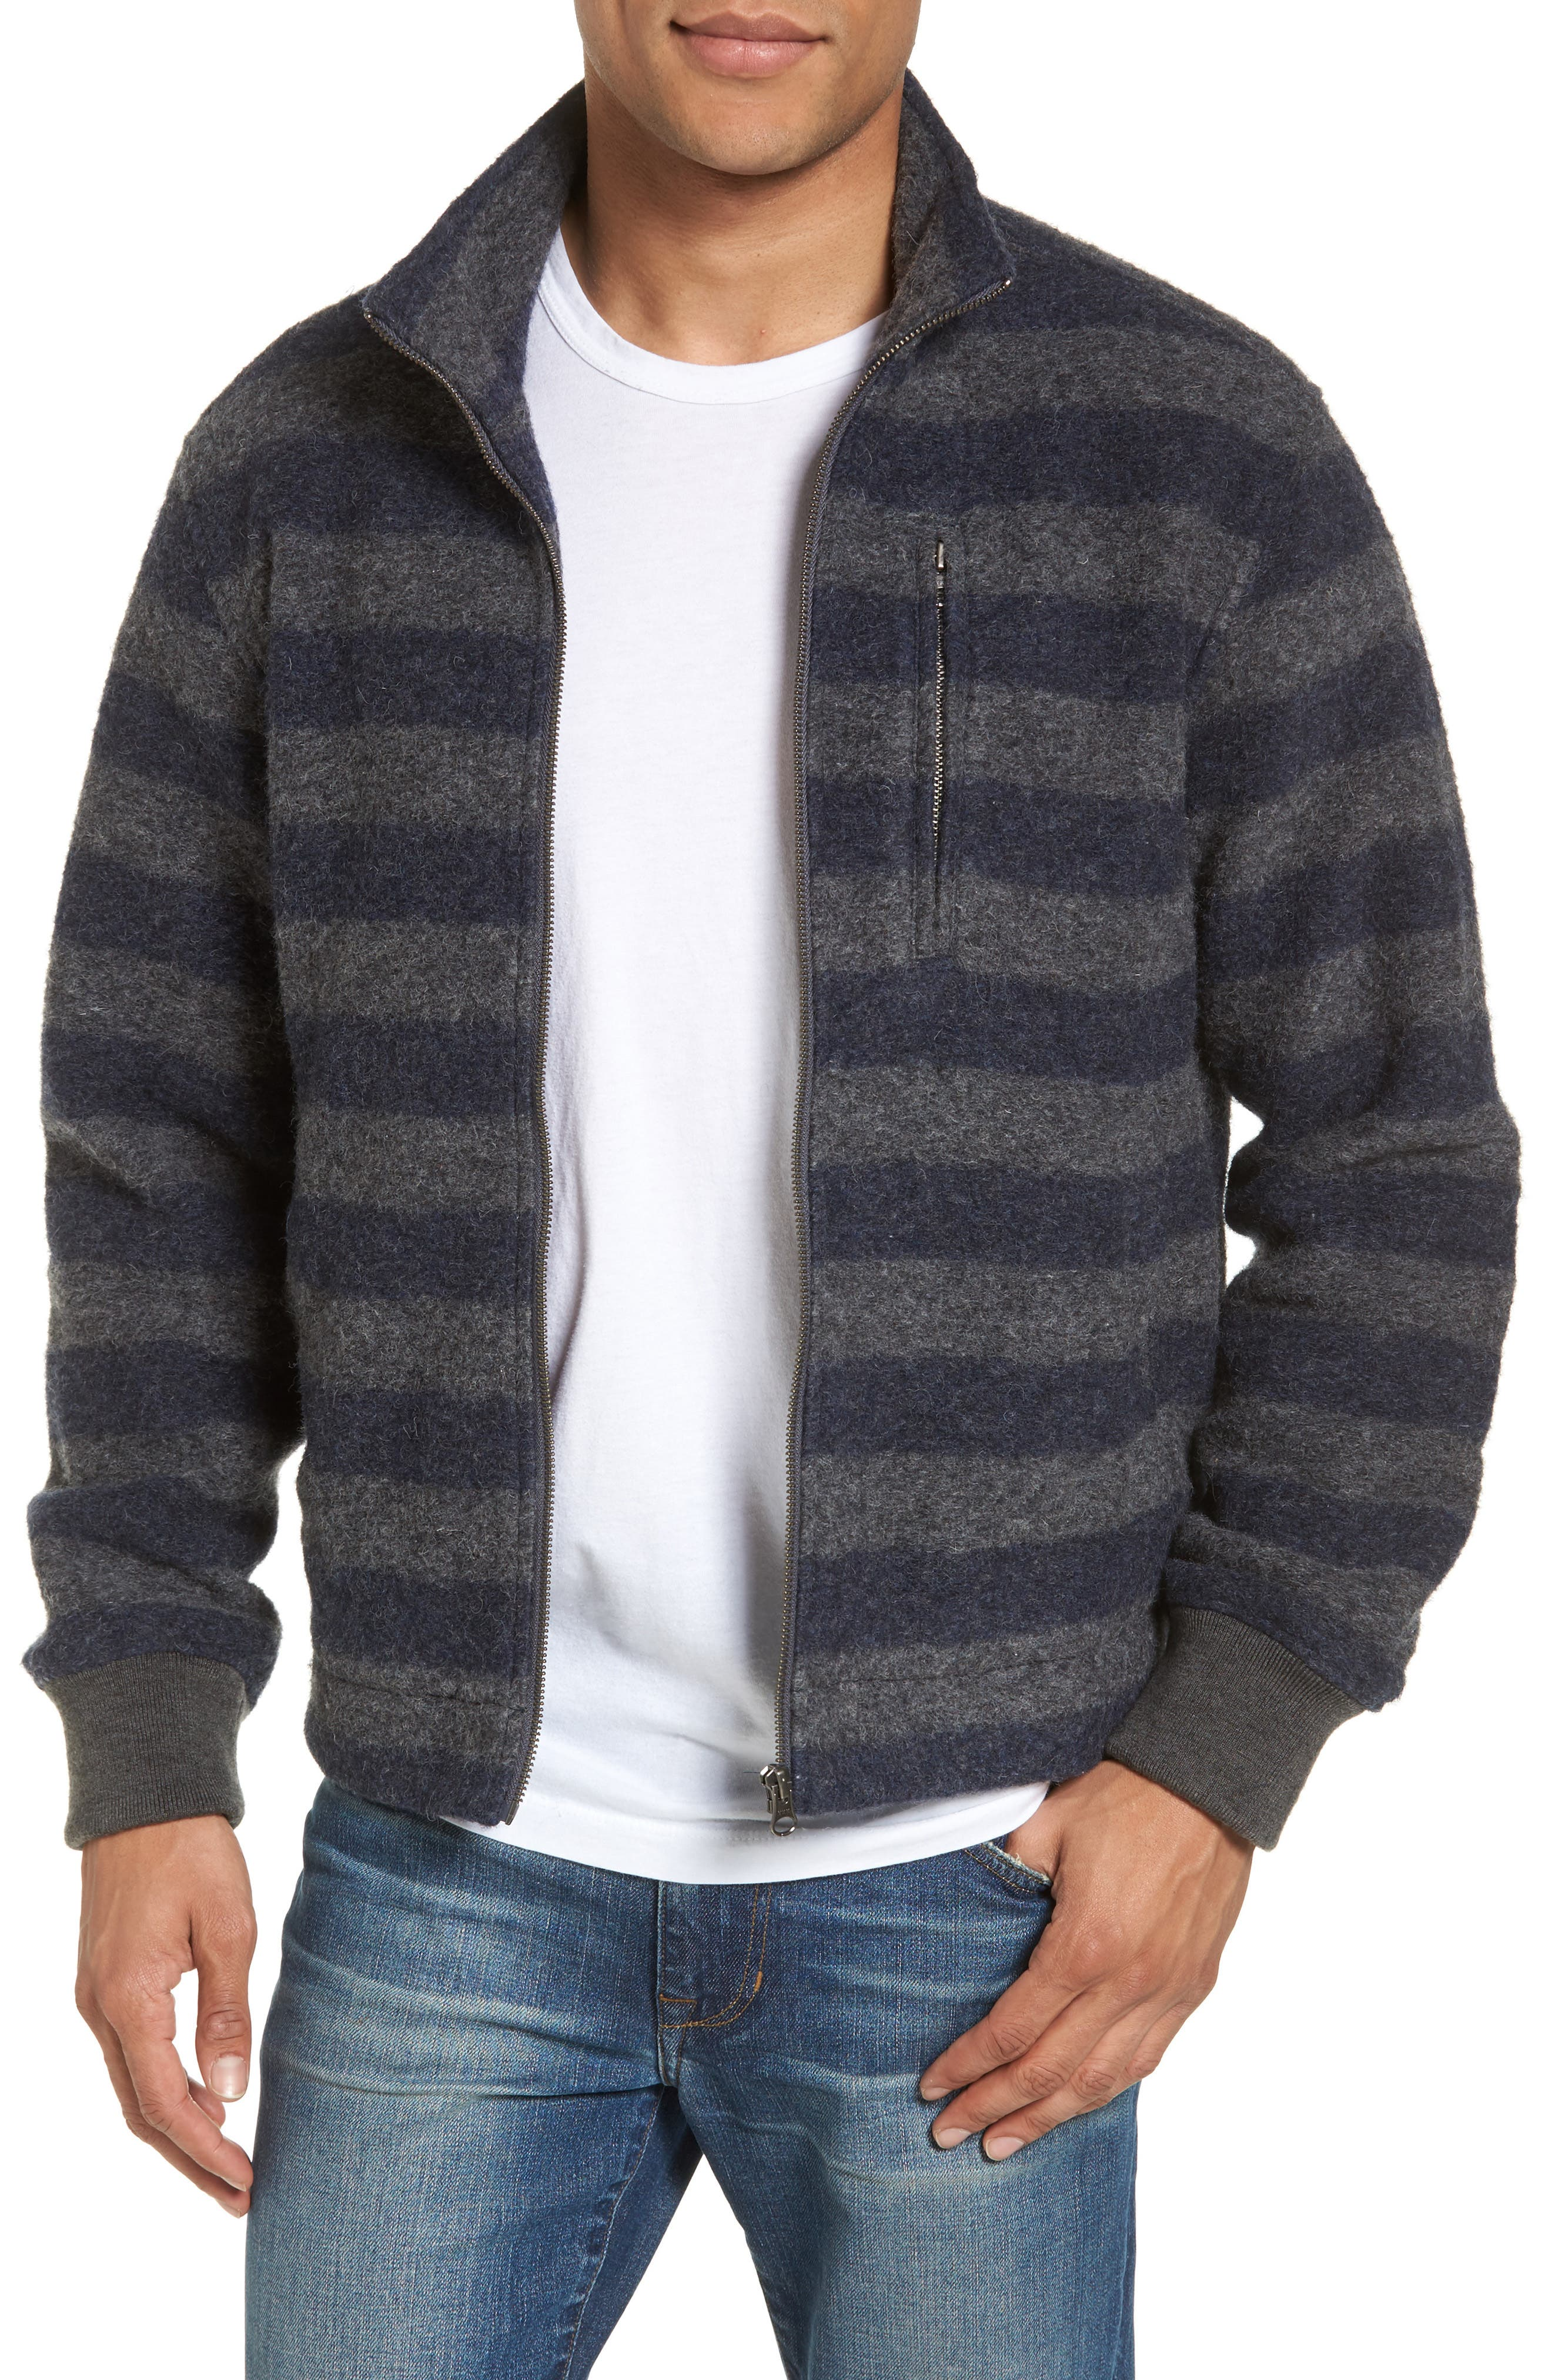 Bowen Stripe Zip Front Jacket,                             Main thumbnail 1, color,                             089